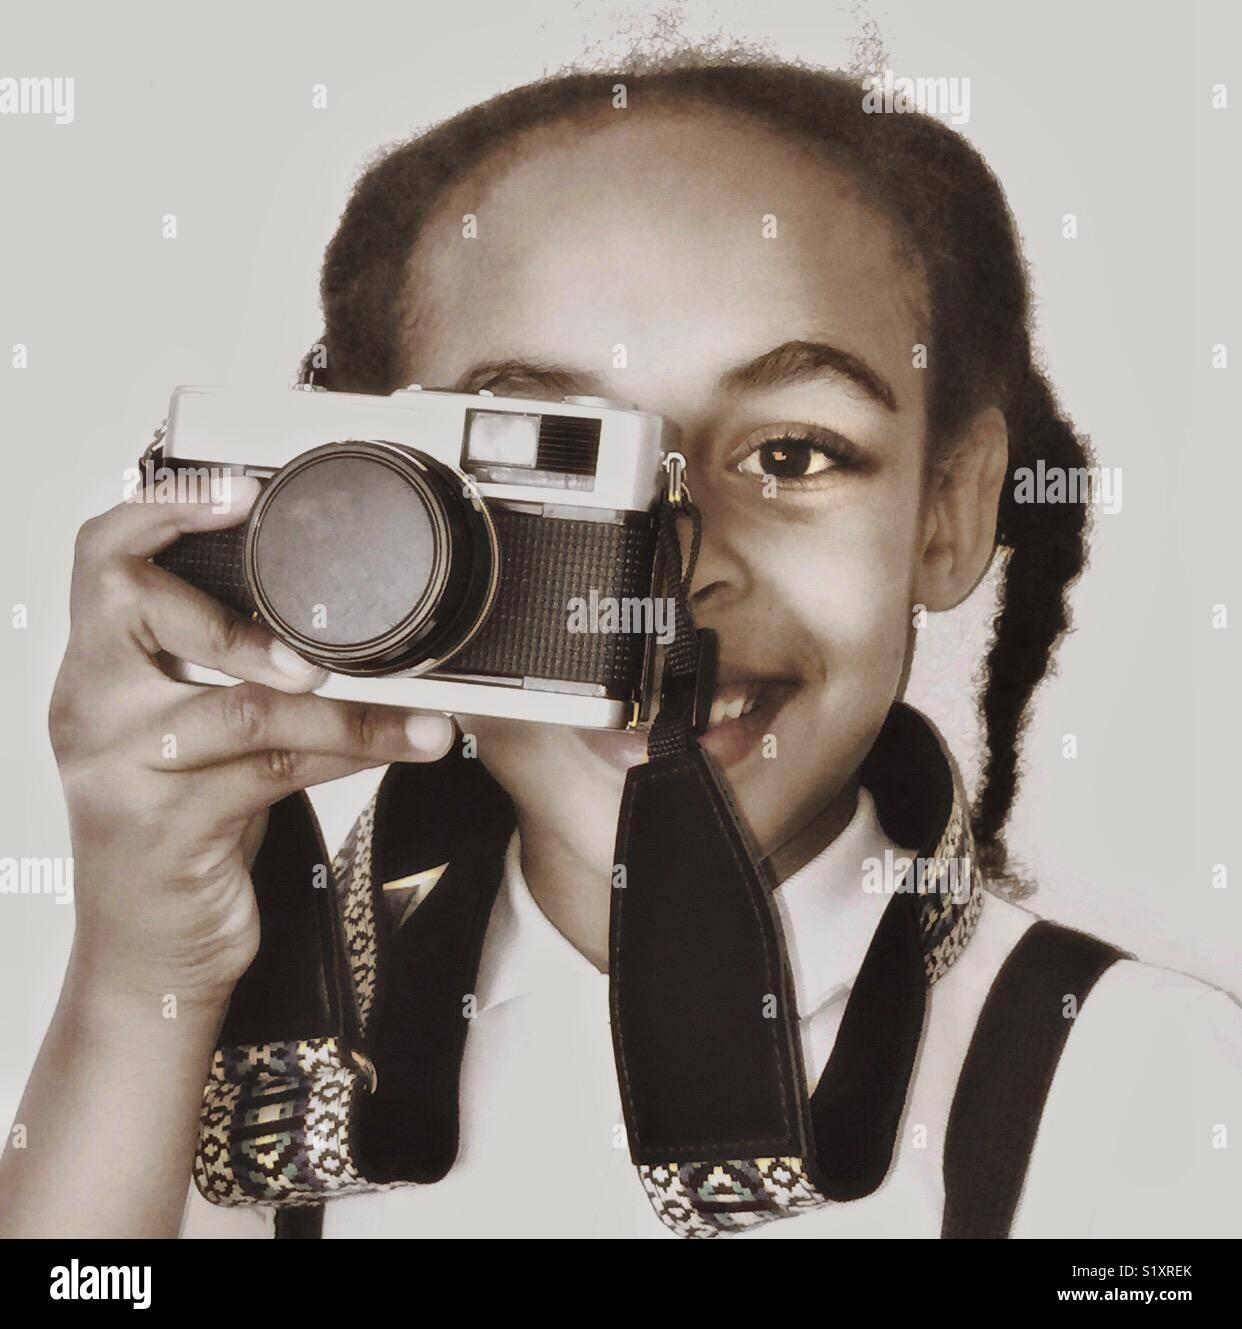 Une jeune fille tenant une caméra vintage de son œil. Photo Stock